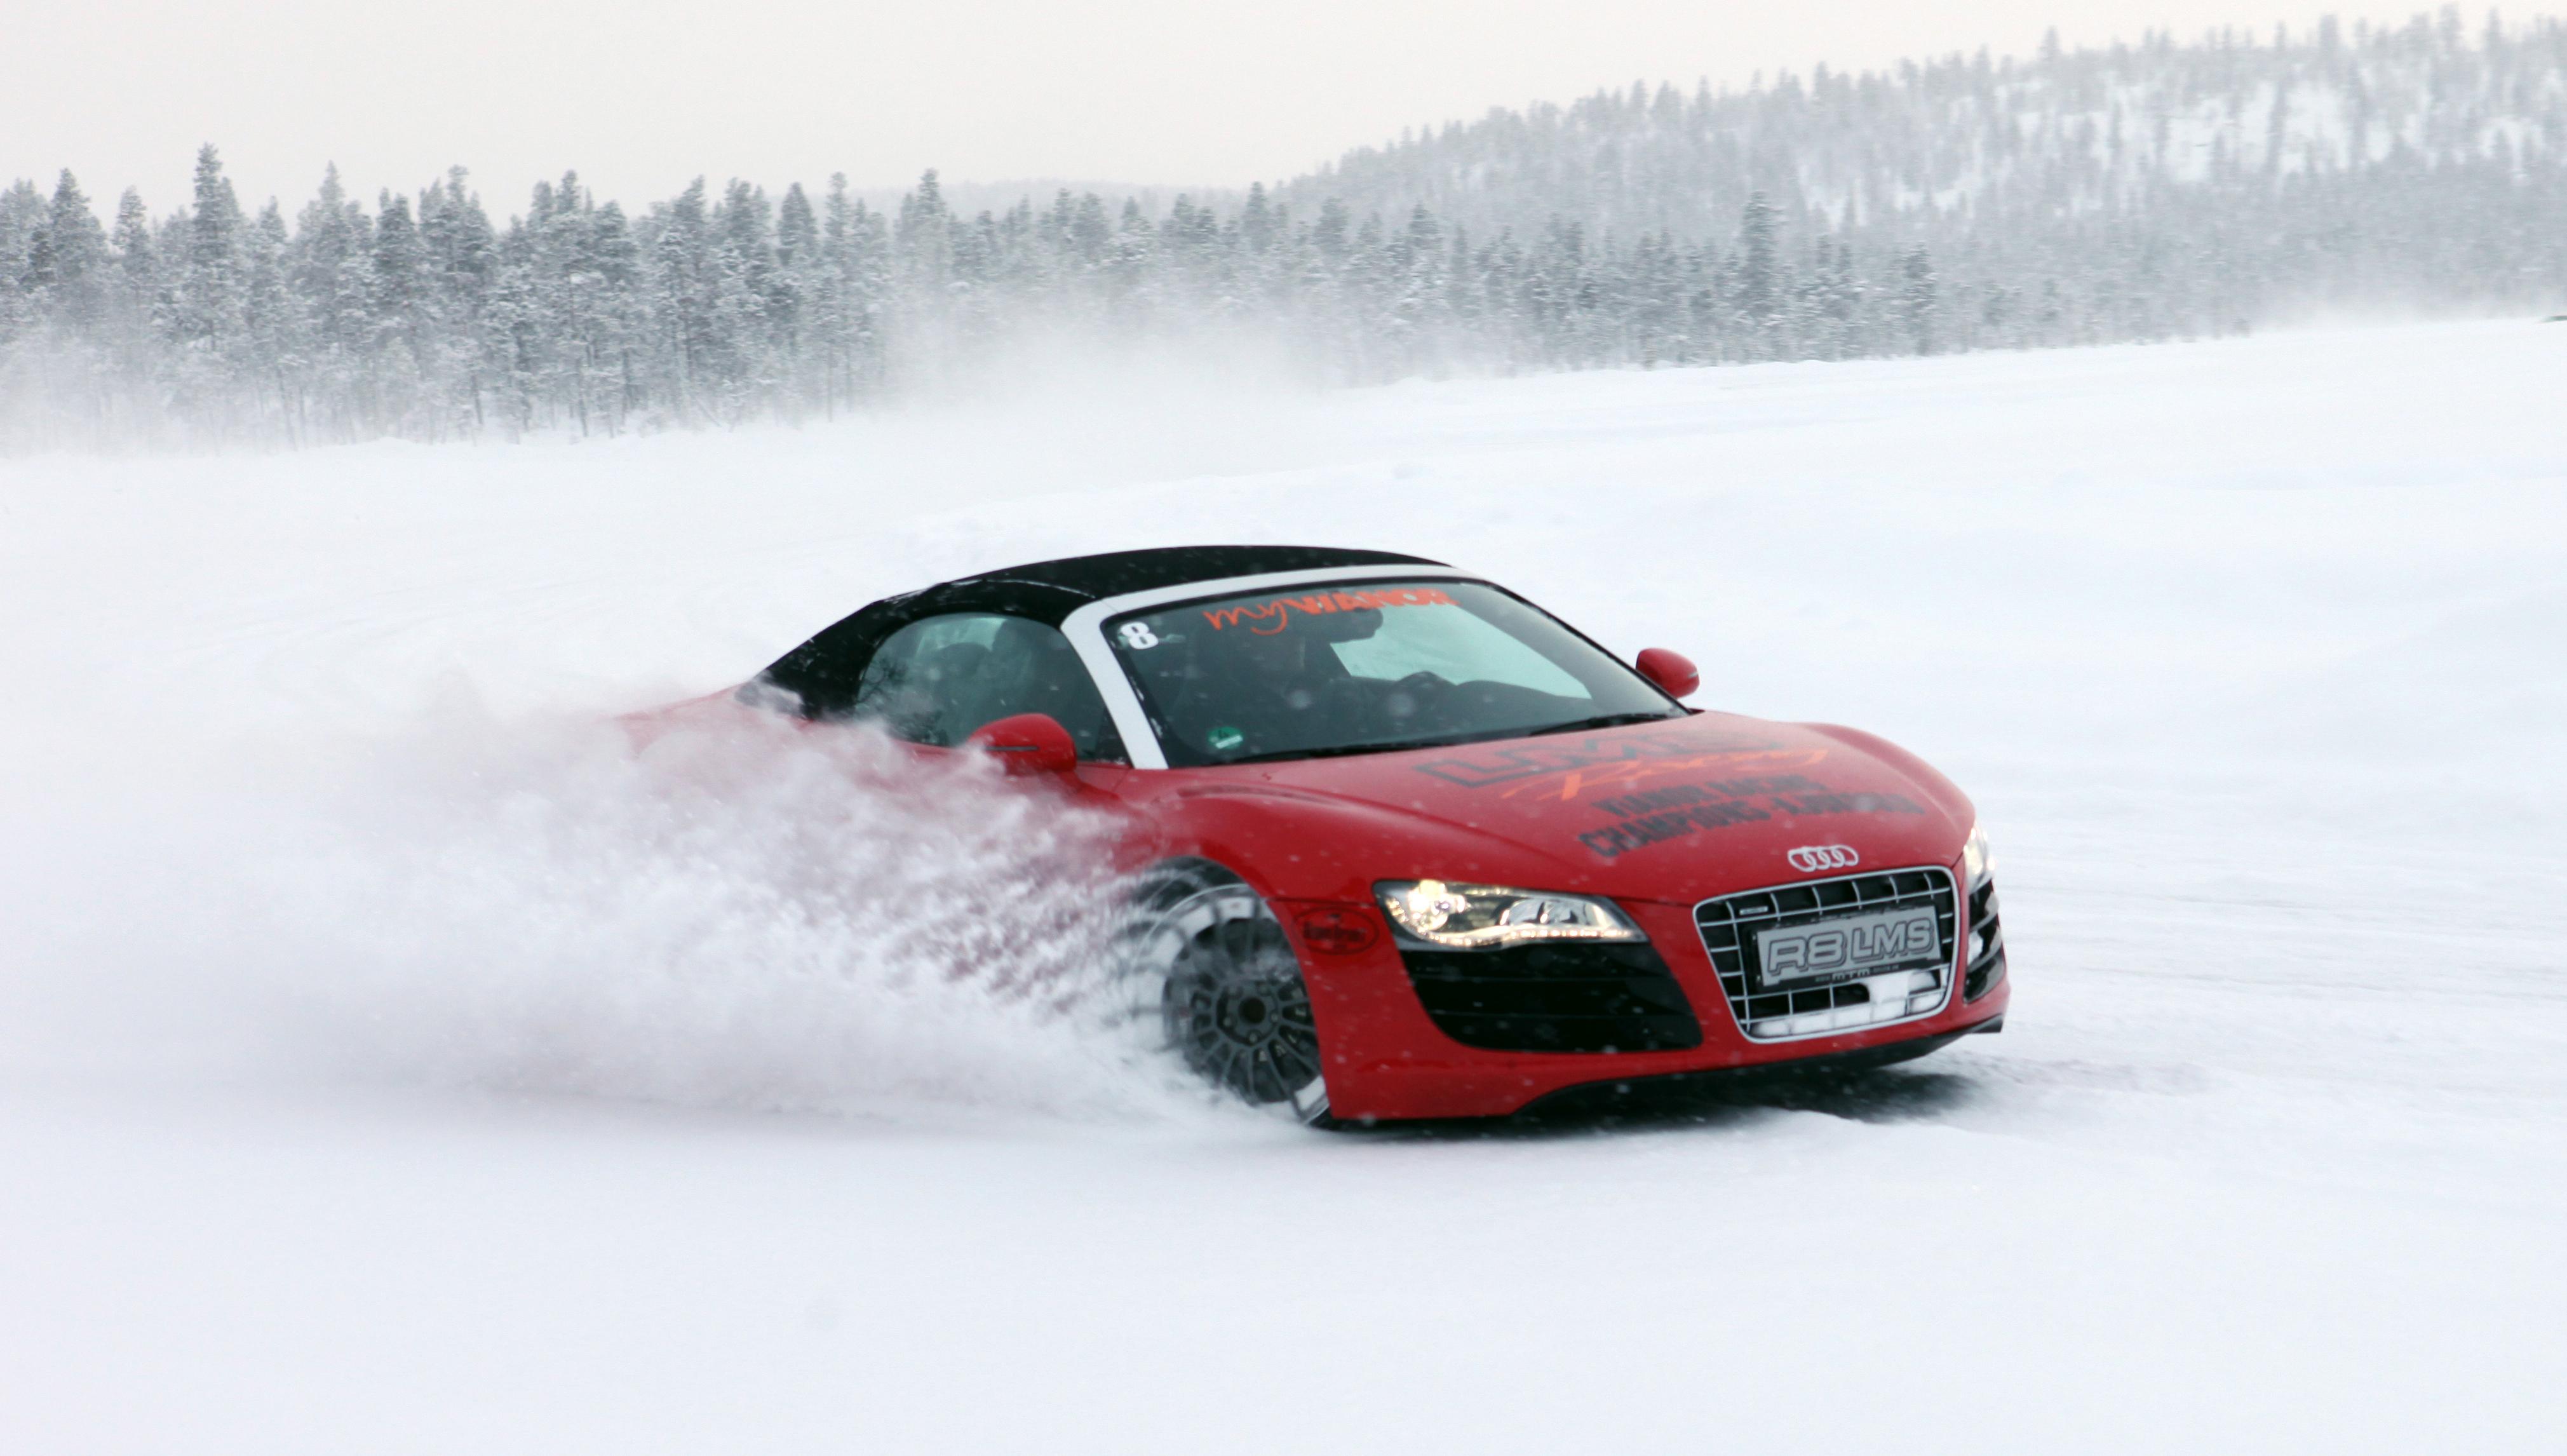 nokian winterreifen sind die testsieger in den winterreifen tests 2012 von auto bild auto. Black Bedroom Furniture Sets. Home Design Ideas